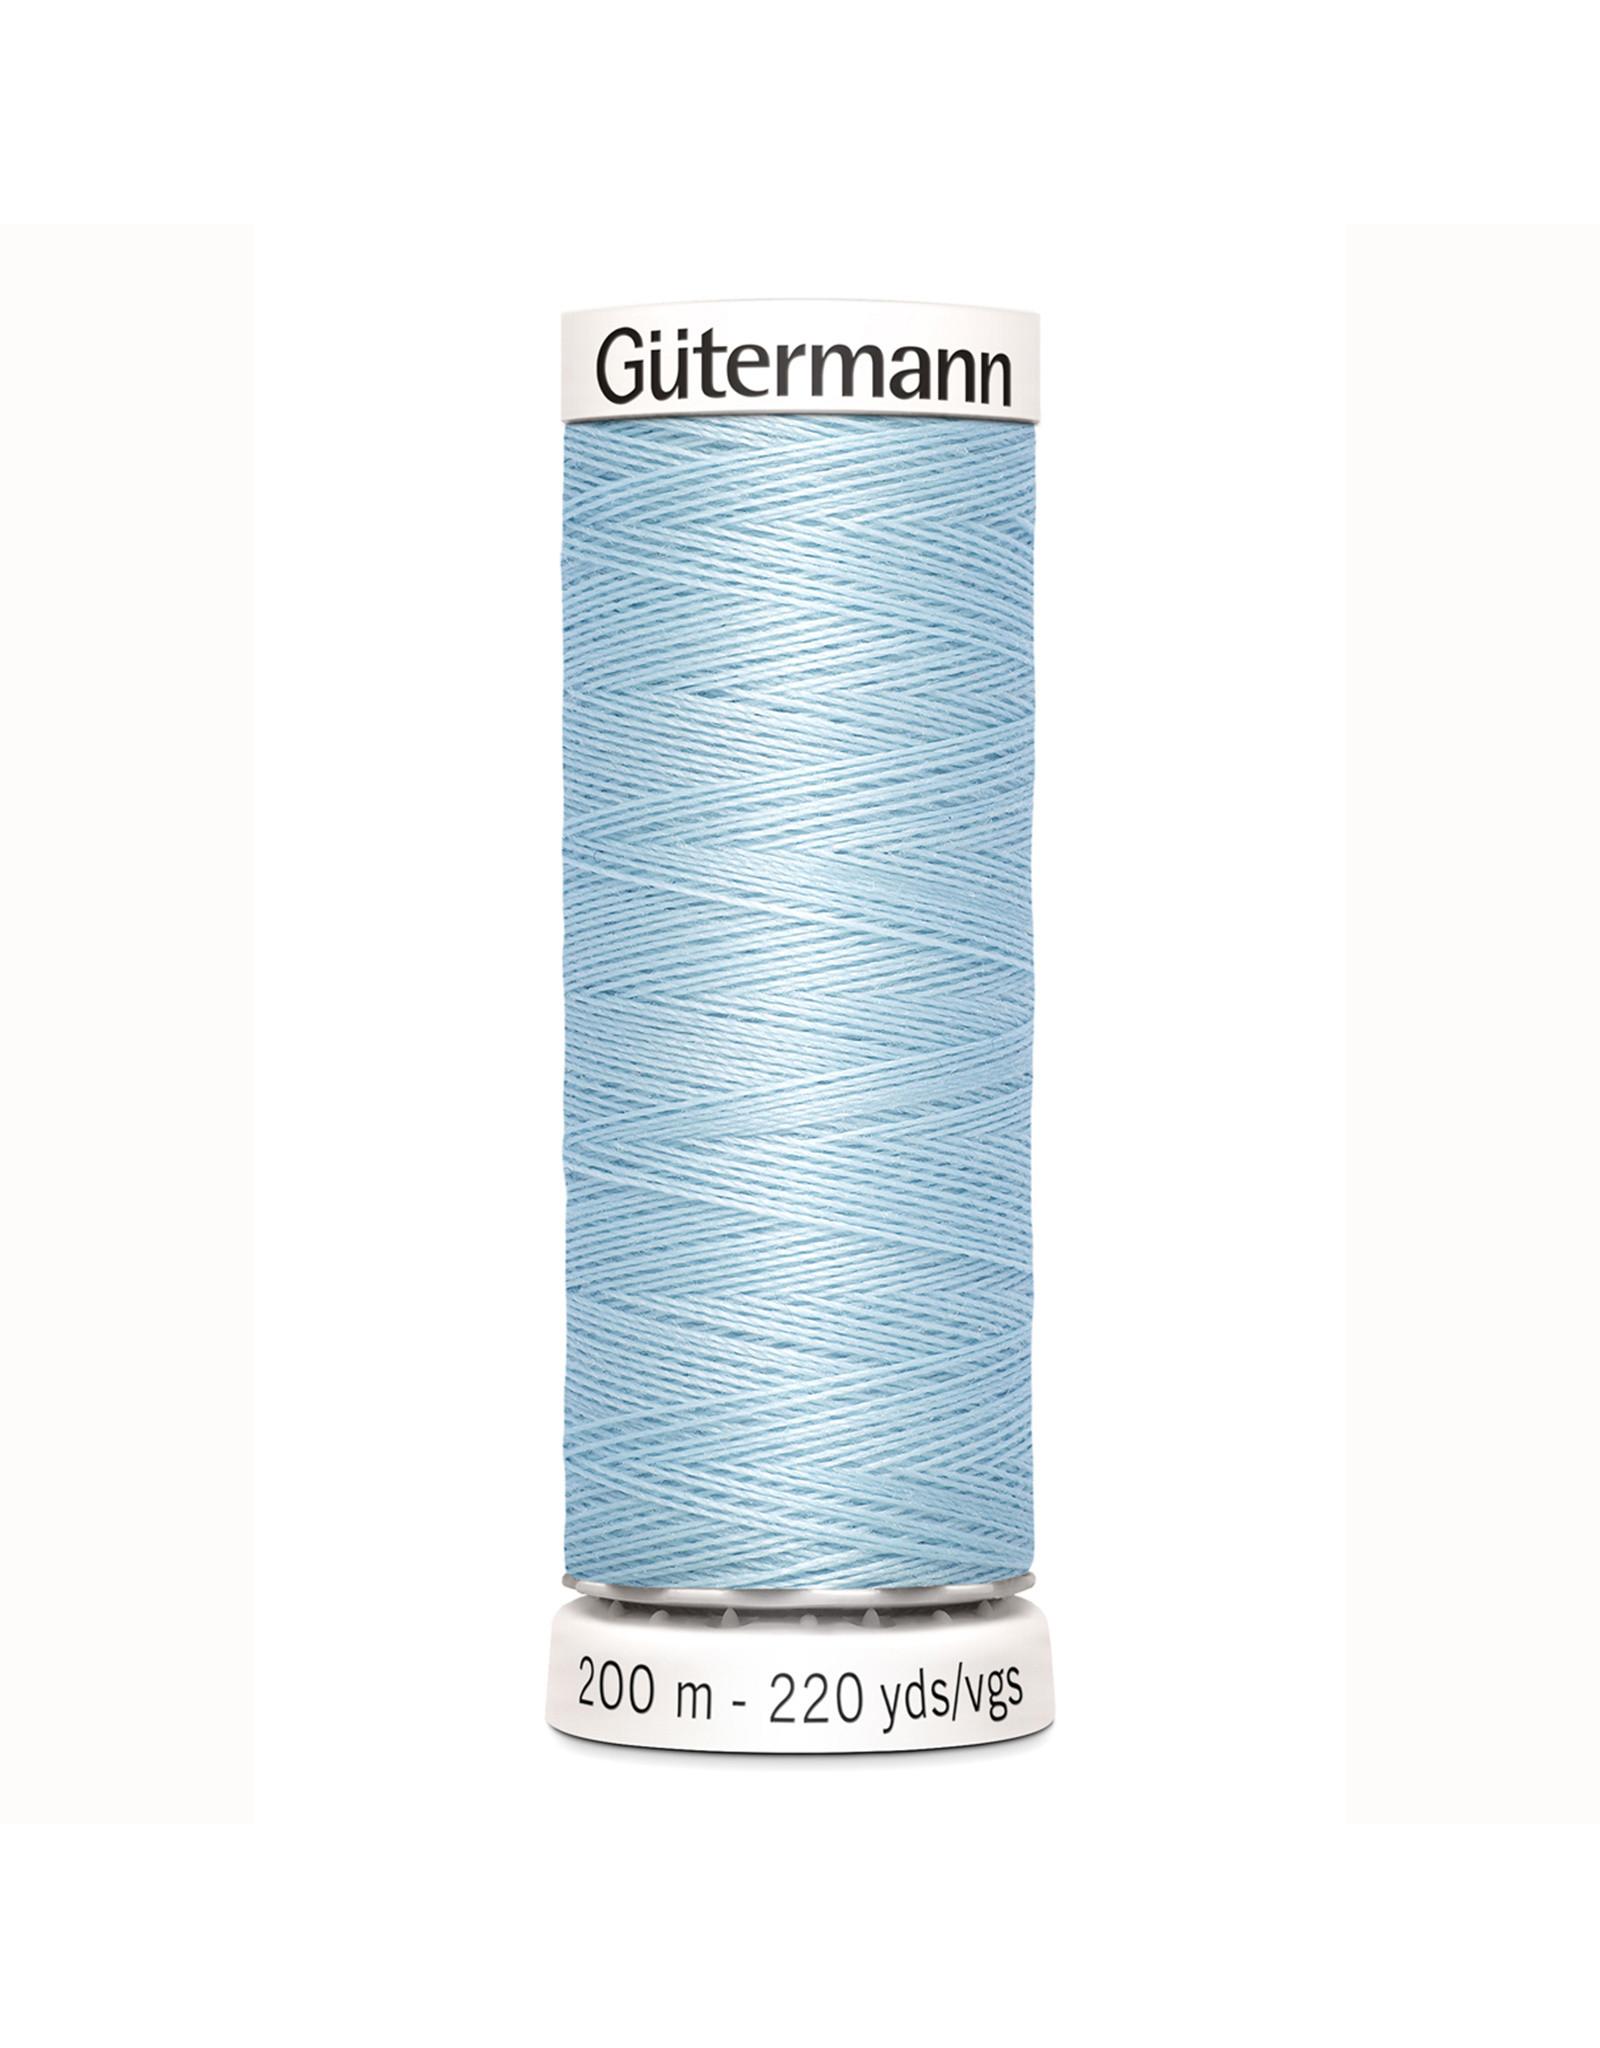 Gütermann Gütermann Sewing Thread 200 m - nr 276